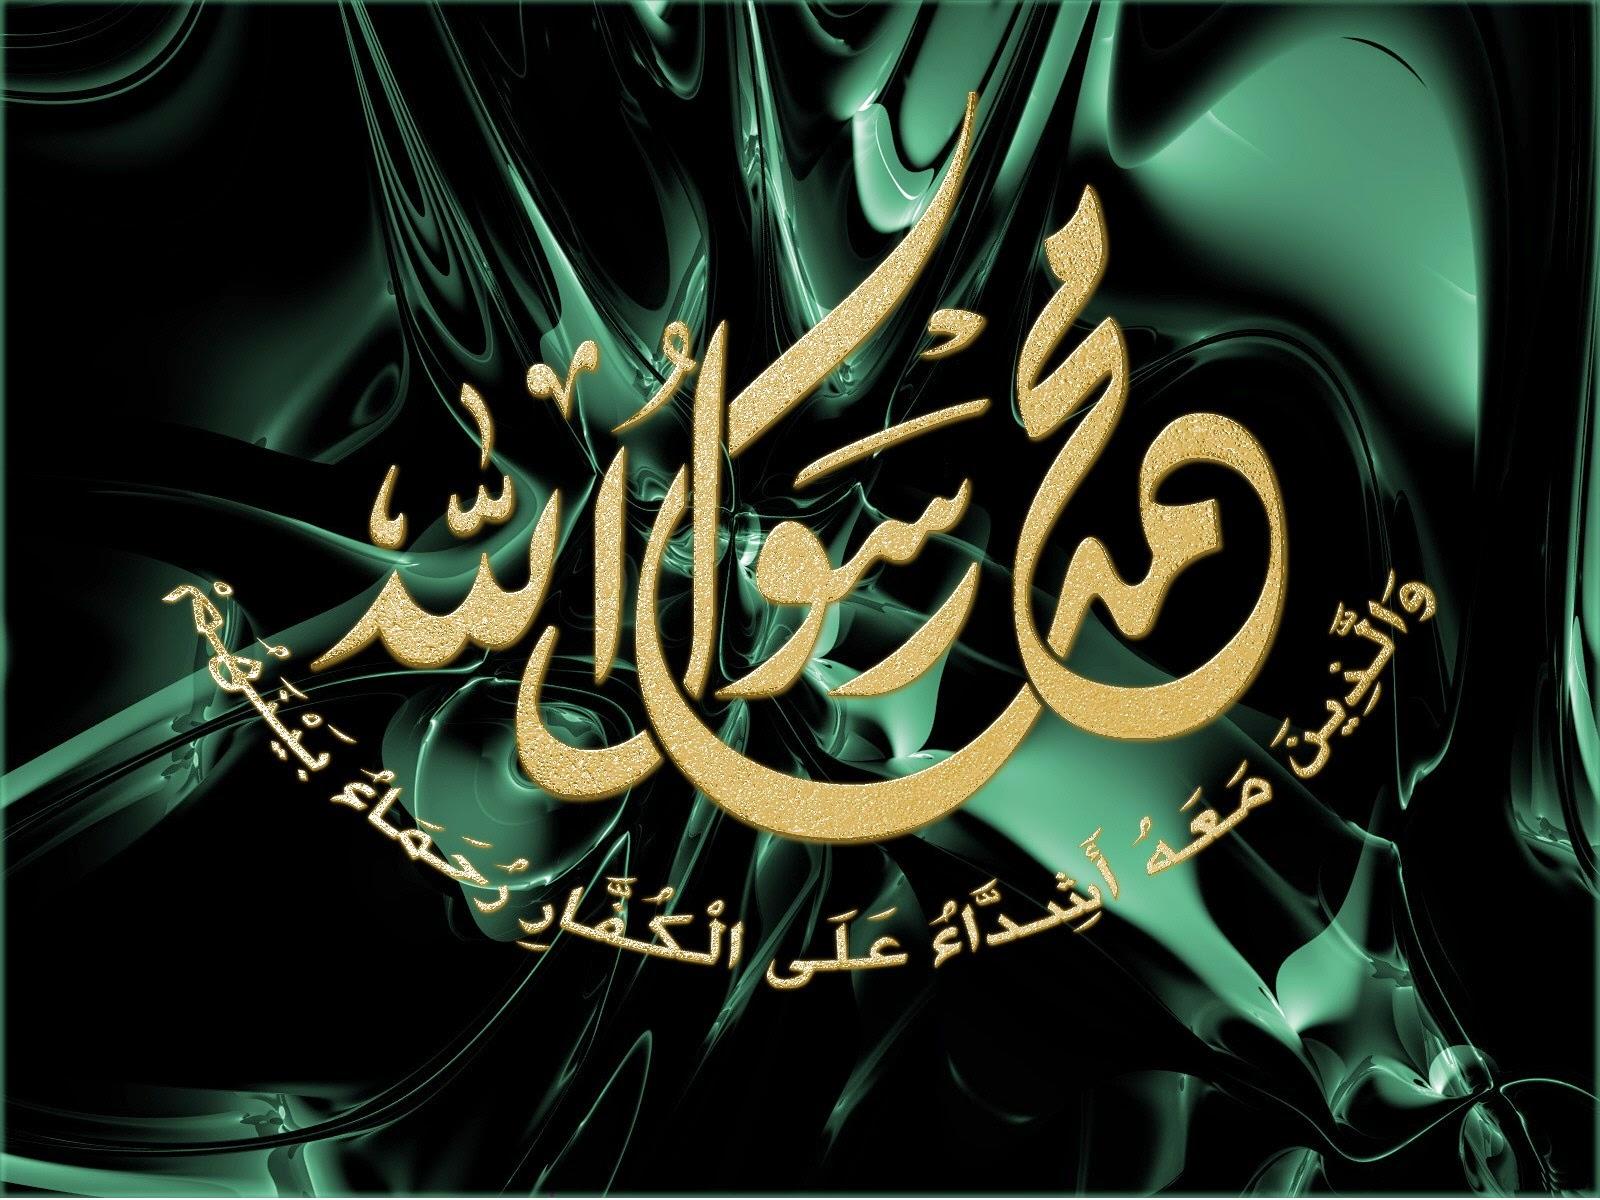 Wallpaper Download Wallpaper Kaligrafi Islam Bergerak